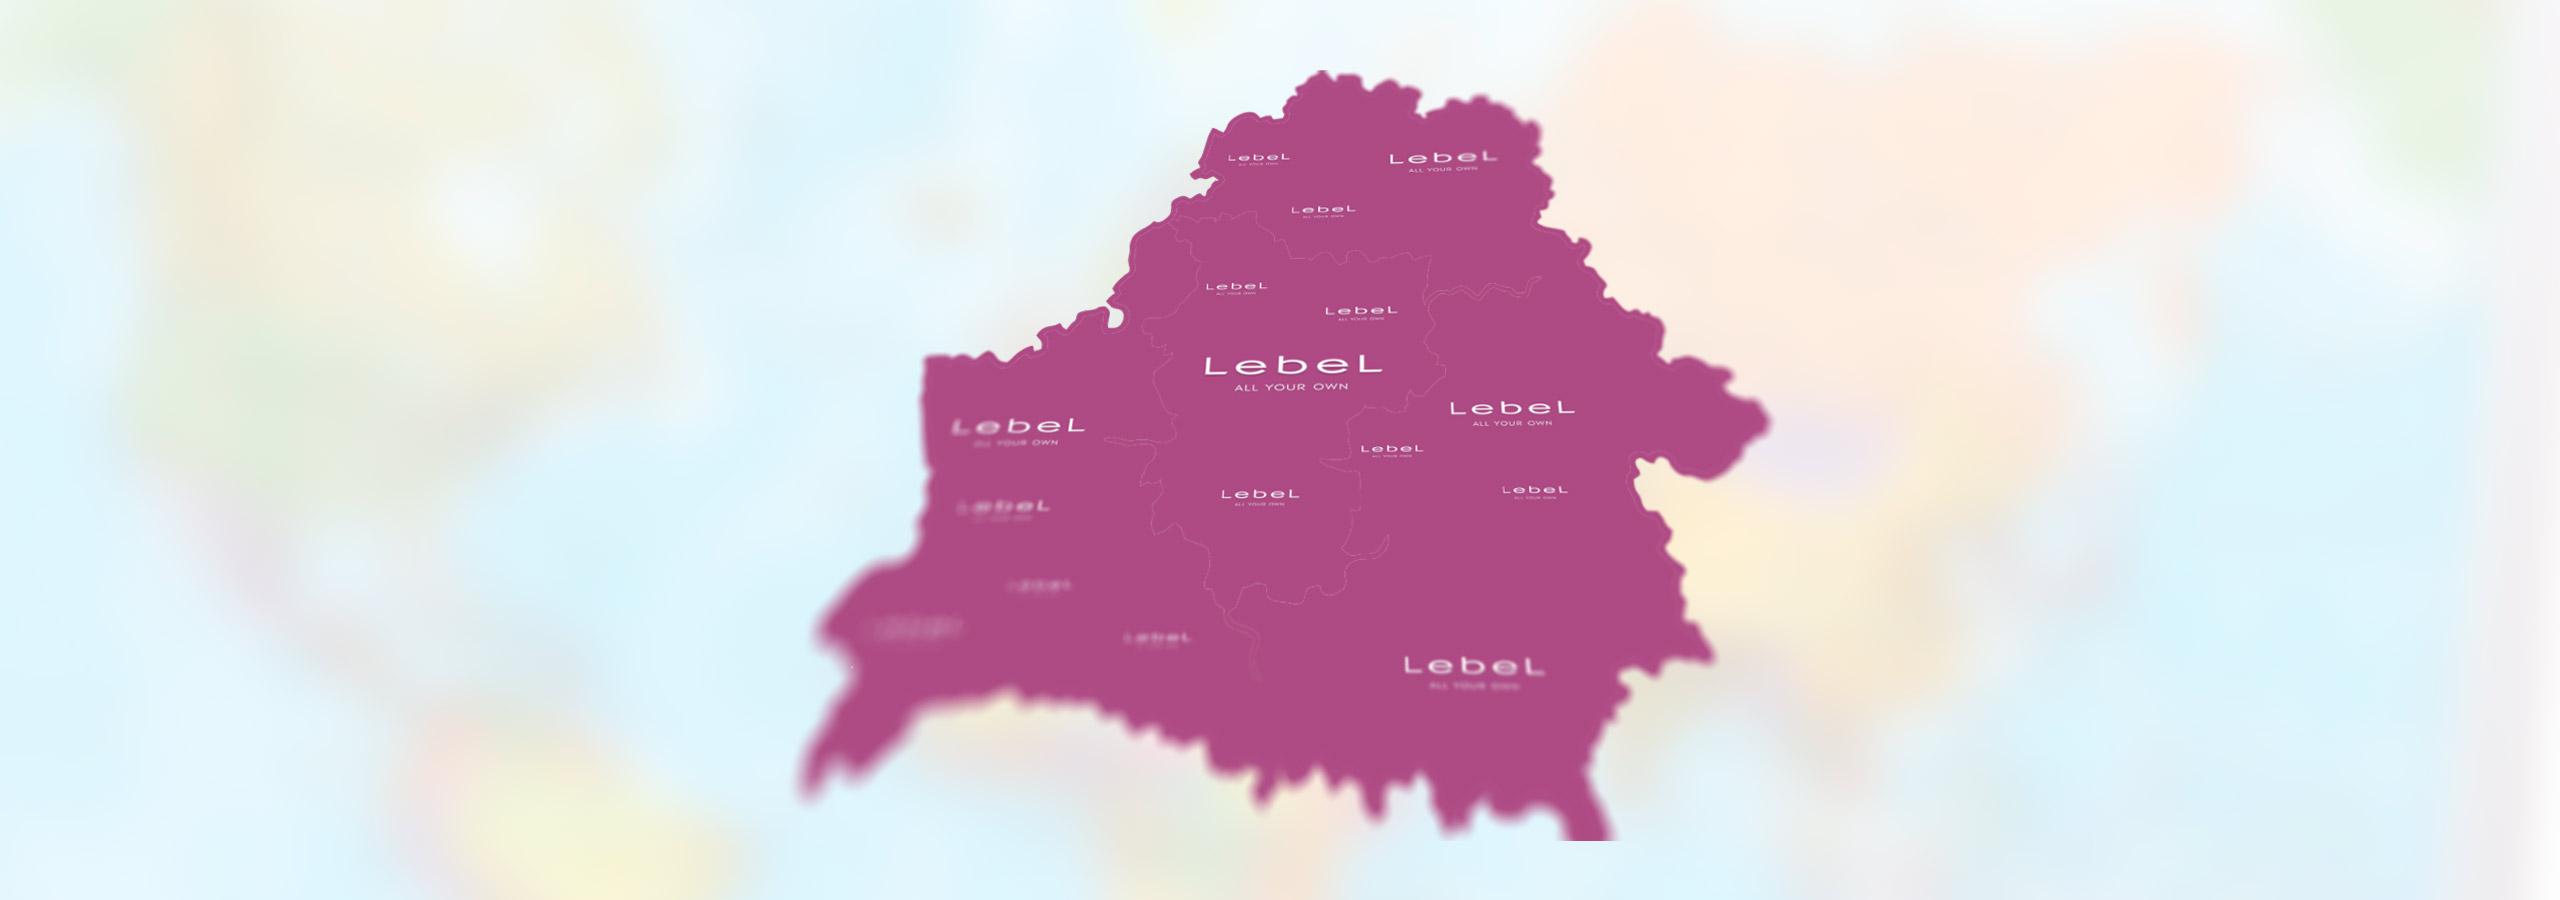 belarus-lebel